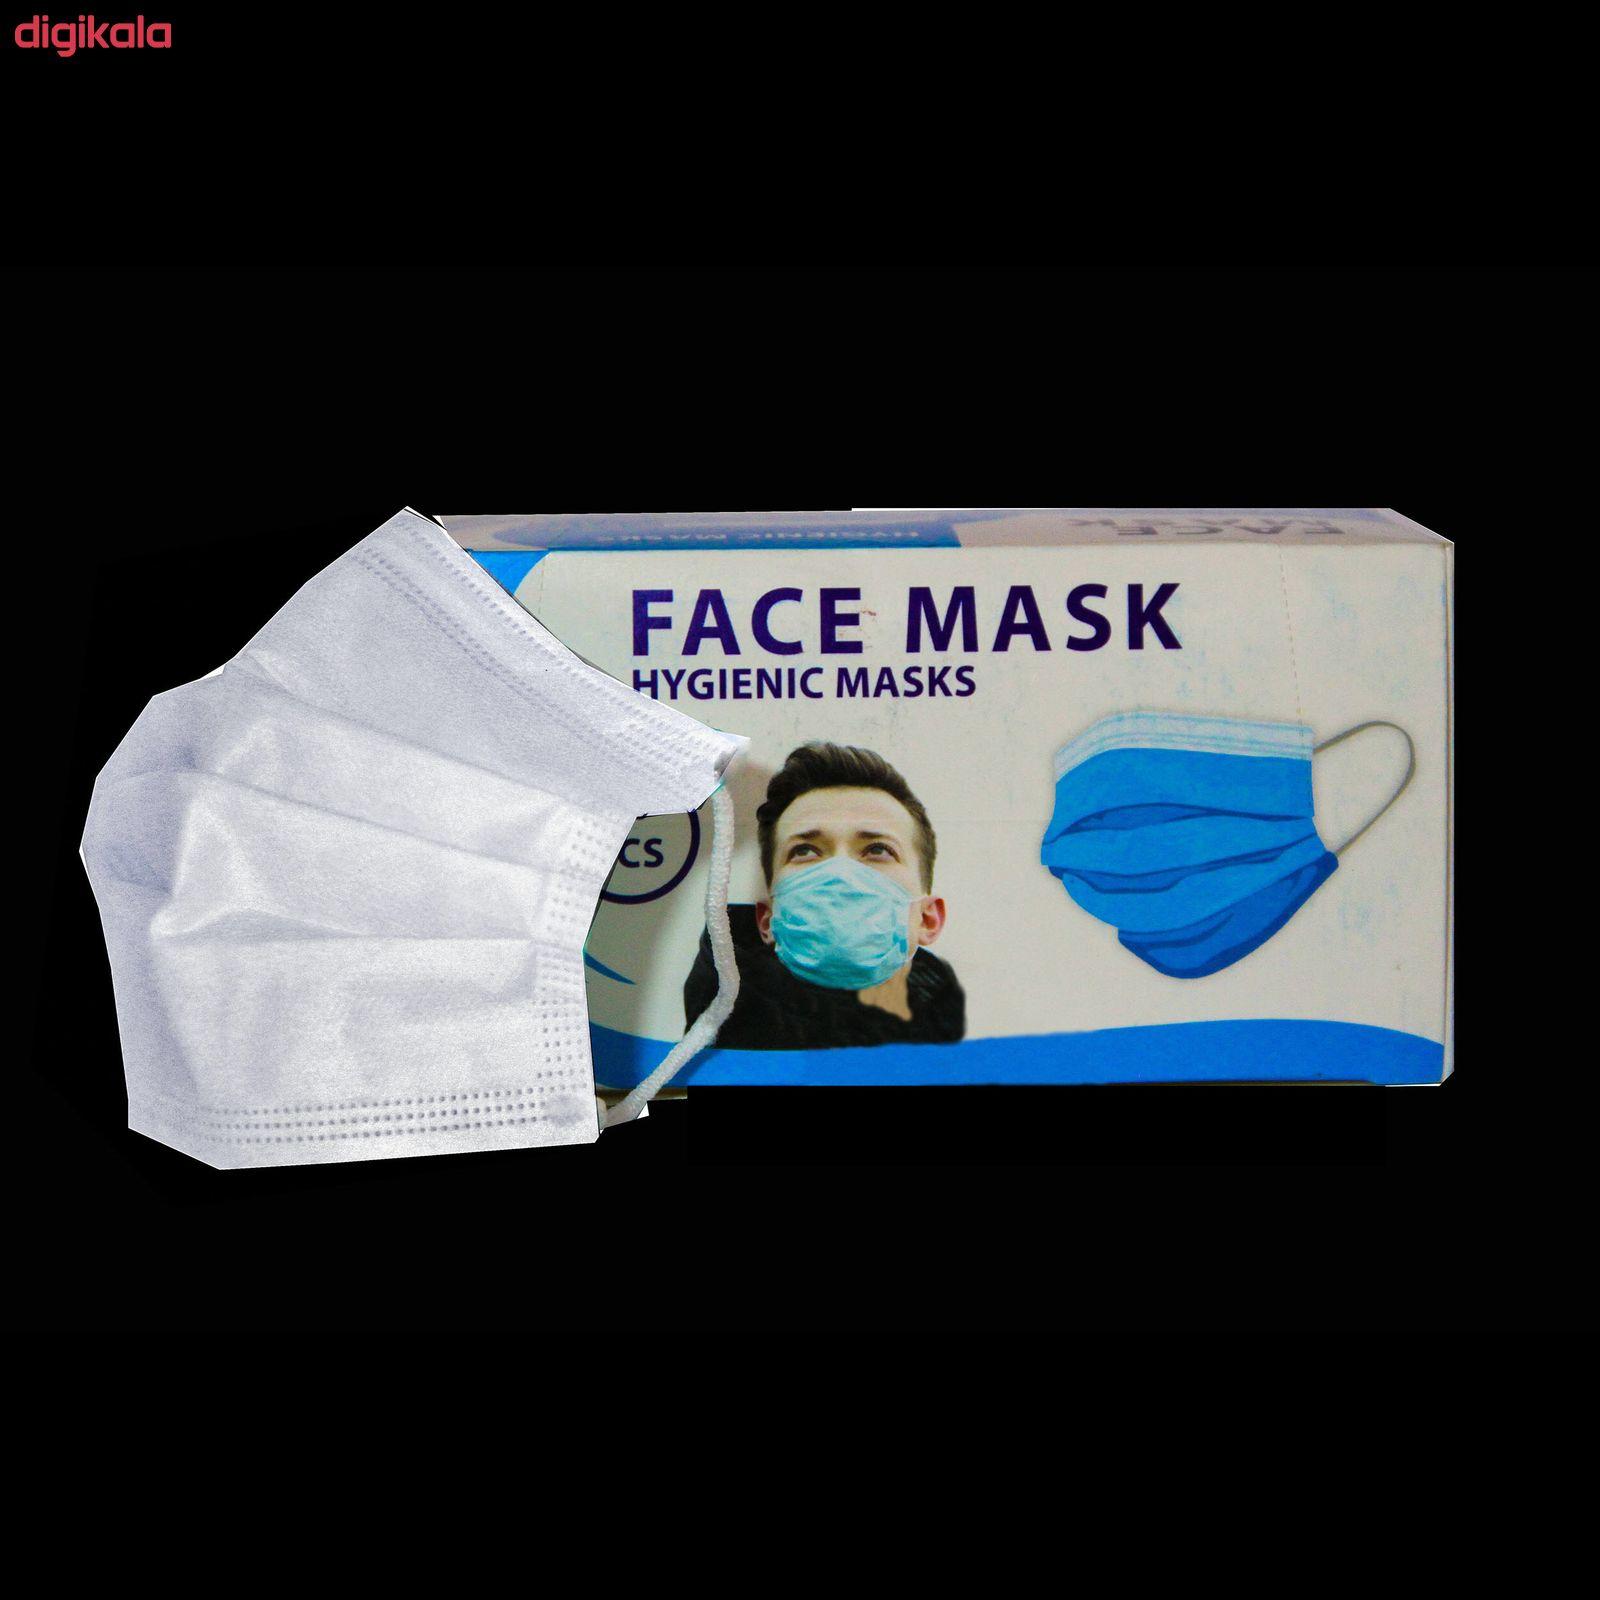 ماسک تنفسی مدل 3270 بسته 50 عددی main 1 7